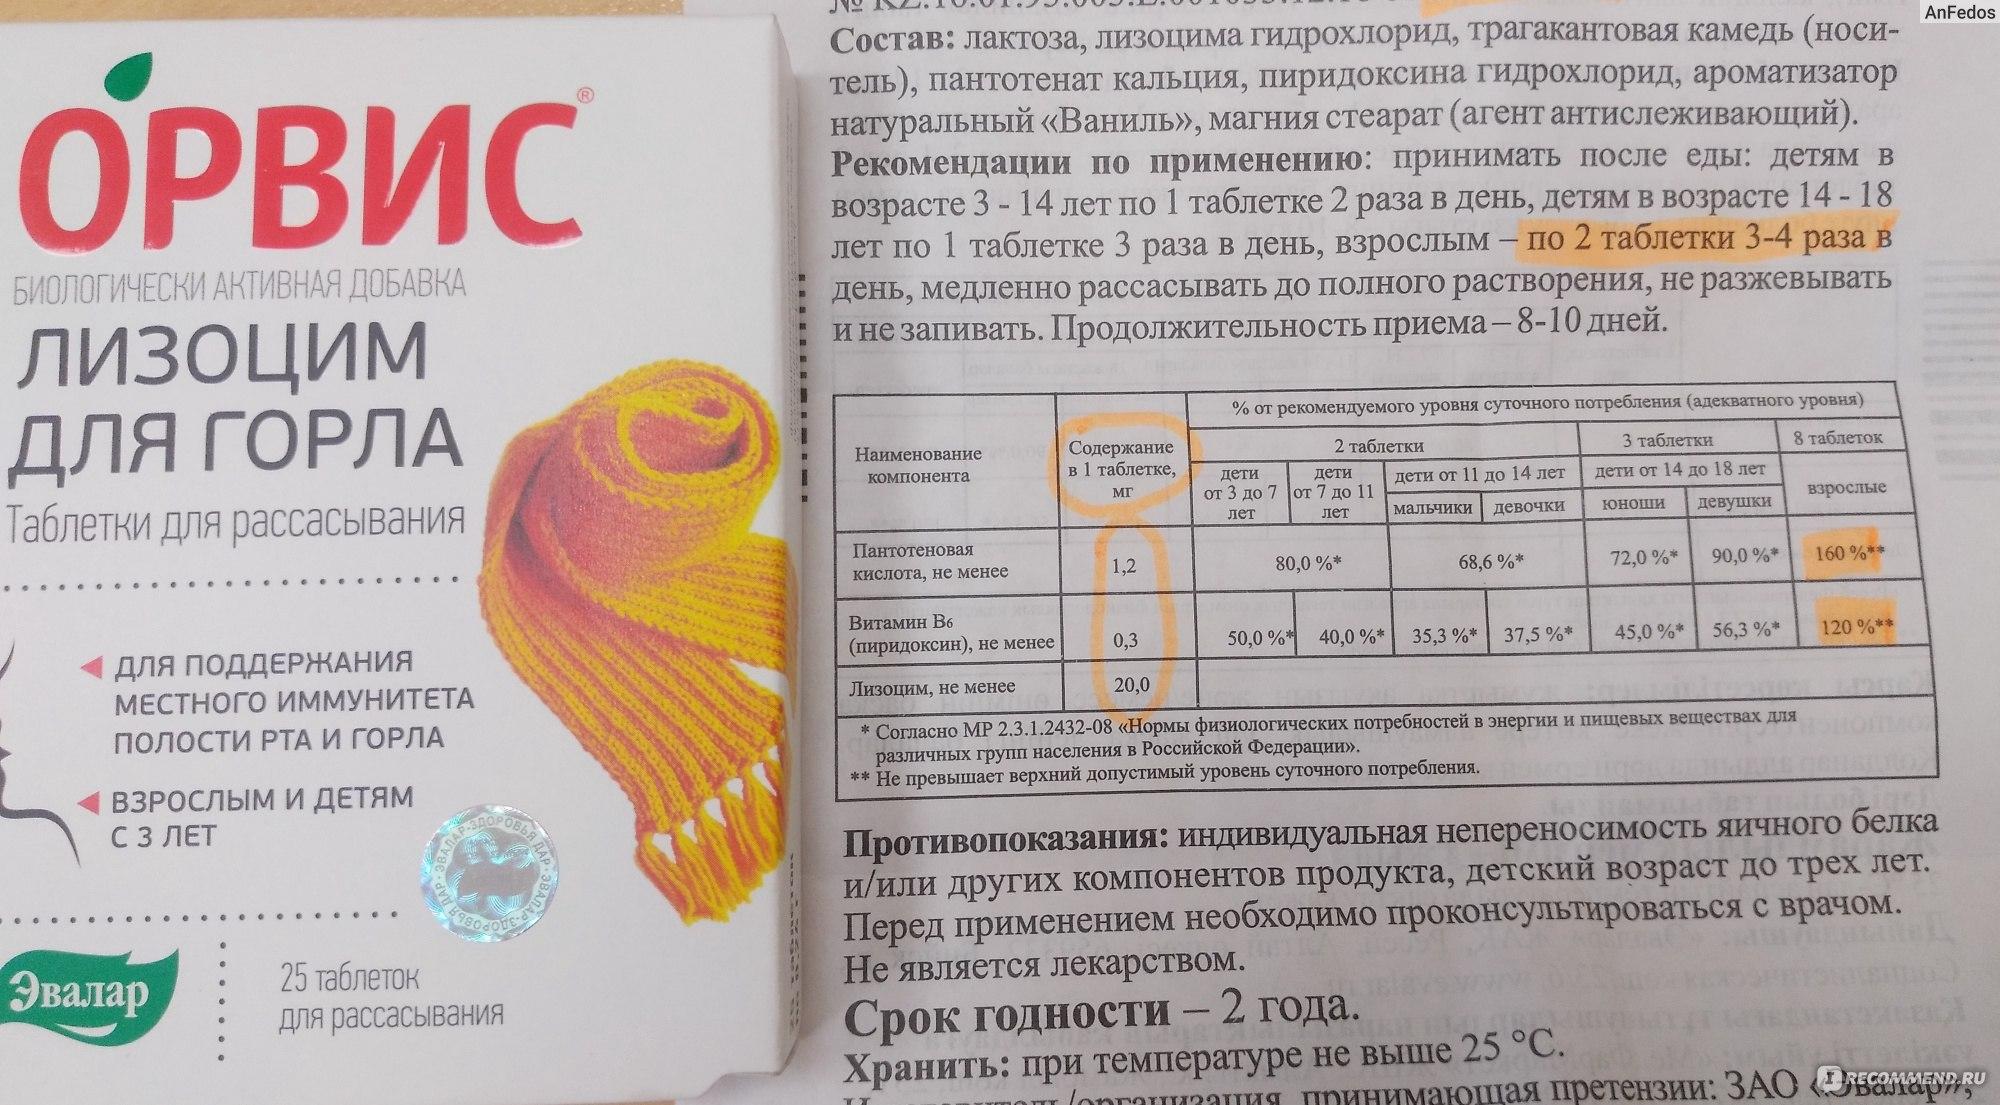 Лизобакт: инструкция, состав, показания, действие, отзывы и цены